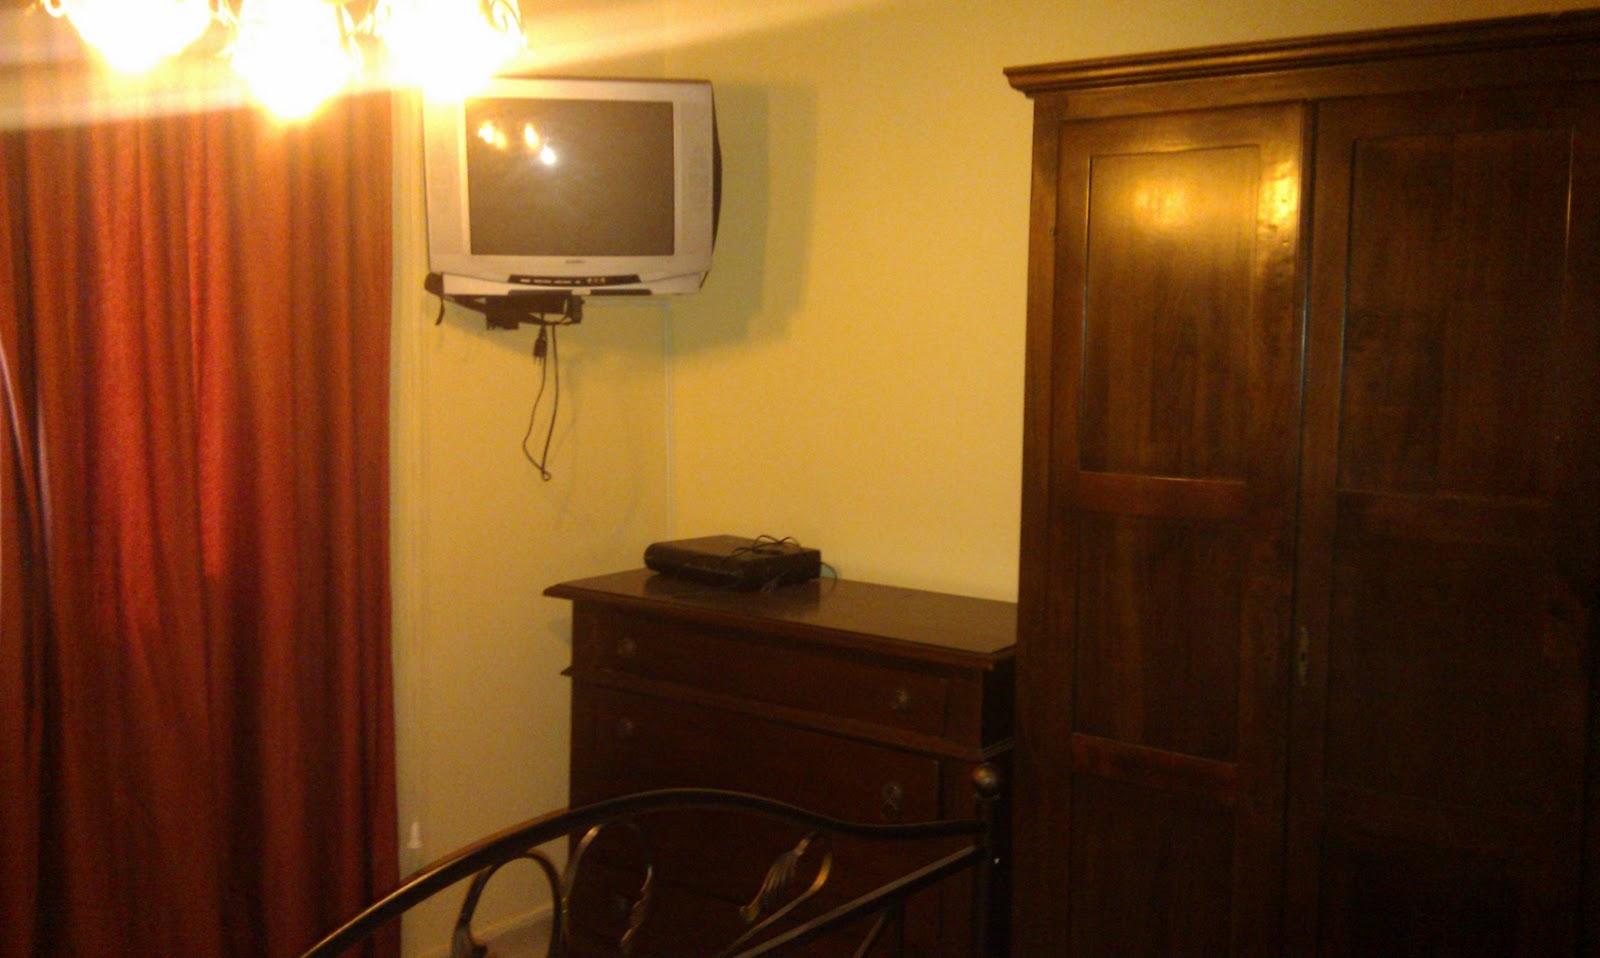 Marano di napoli monolocale in affitto arredato e con camino for Monolocale napoli affitto arredato